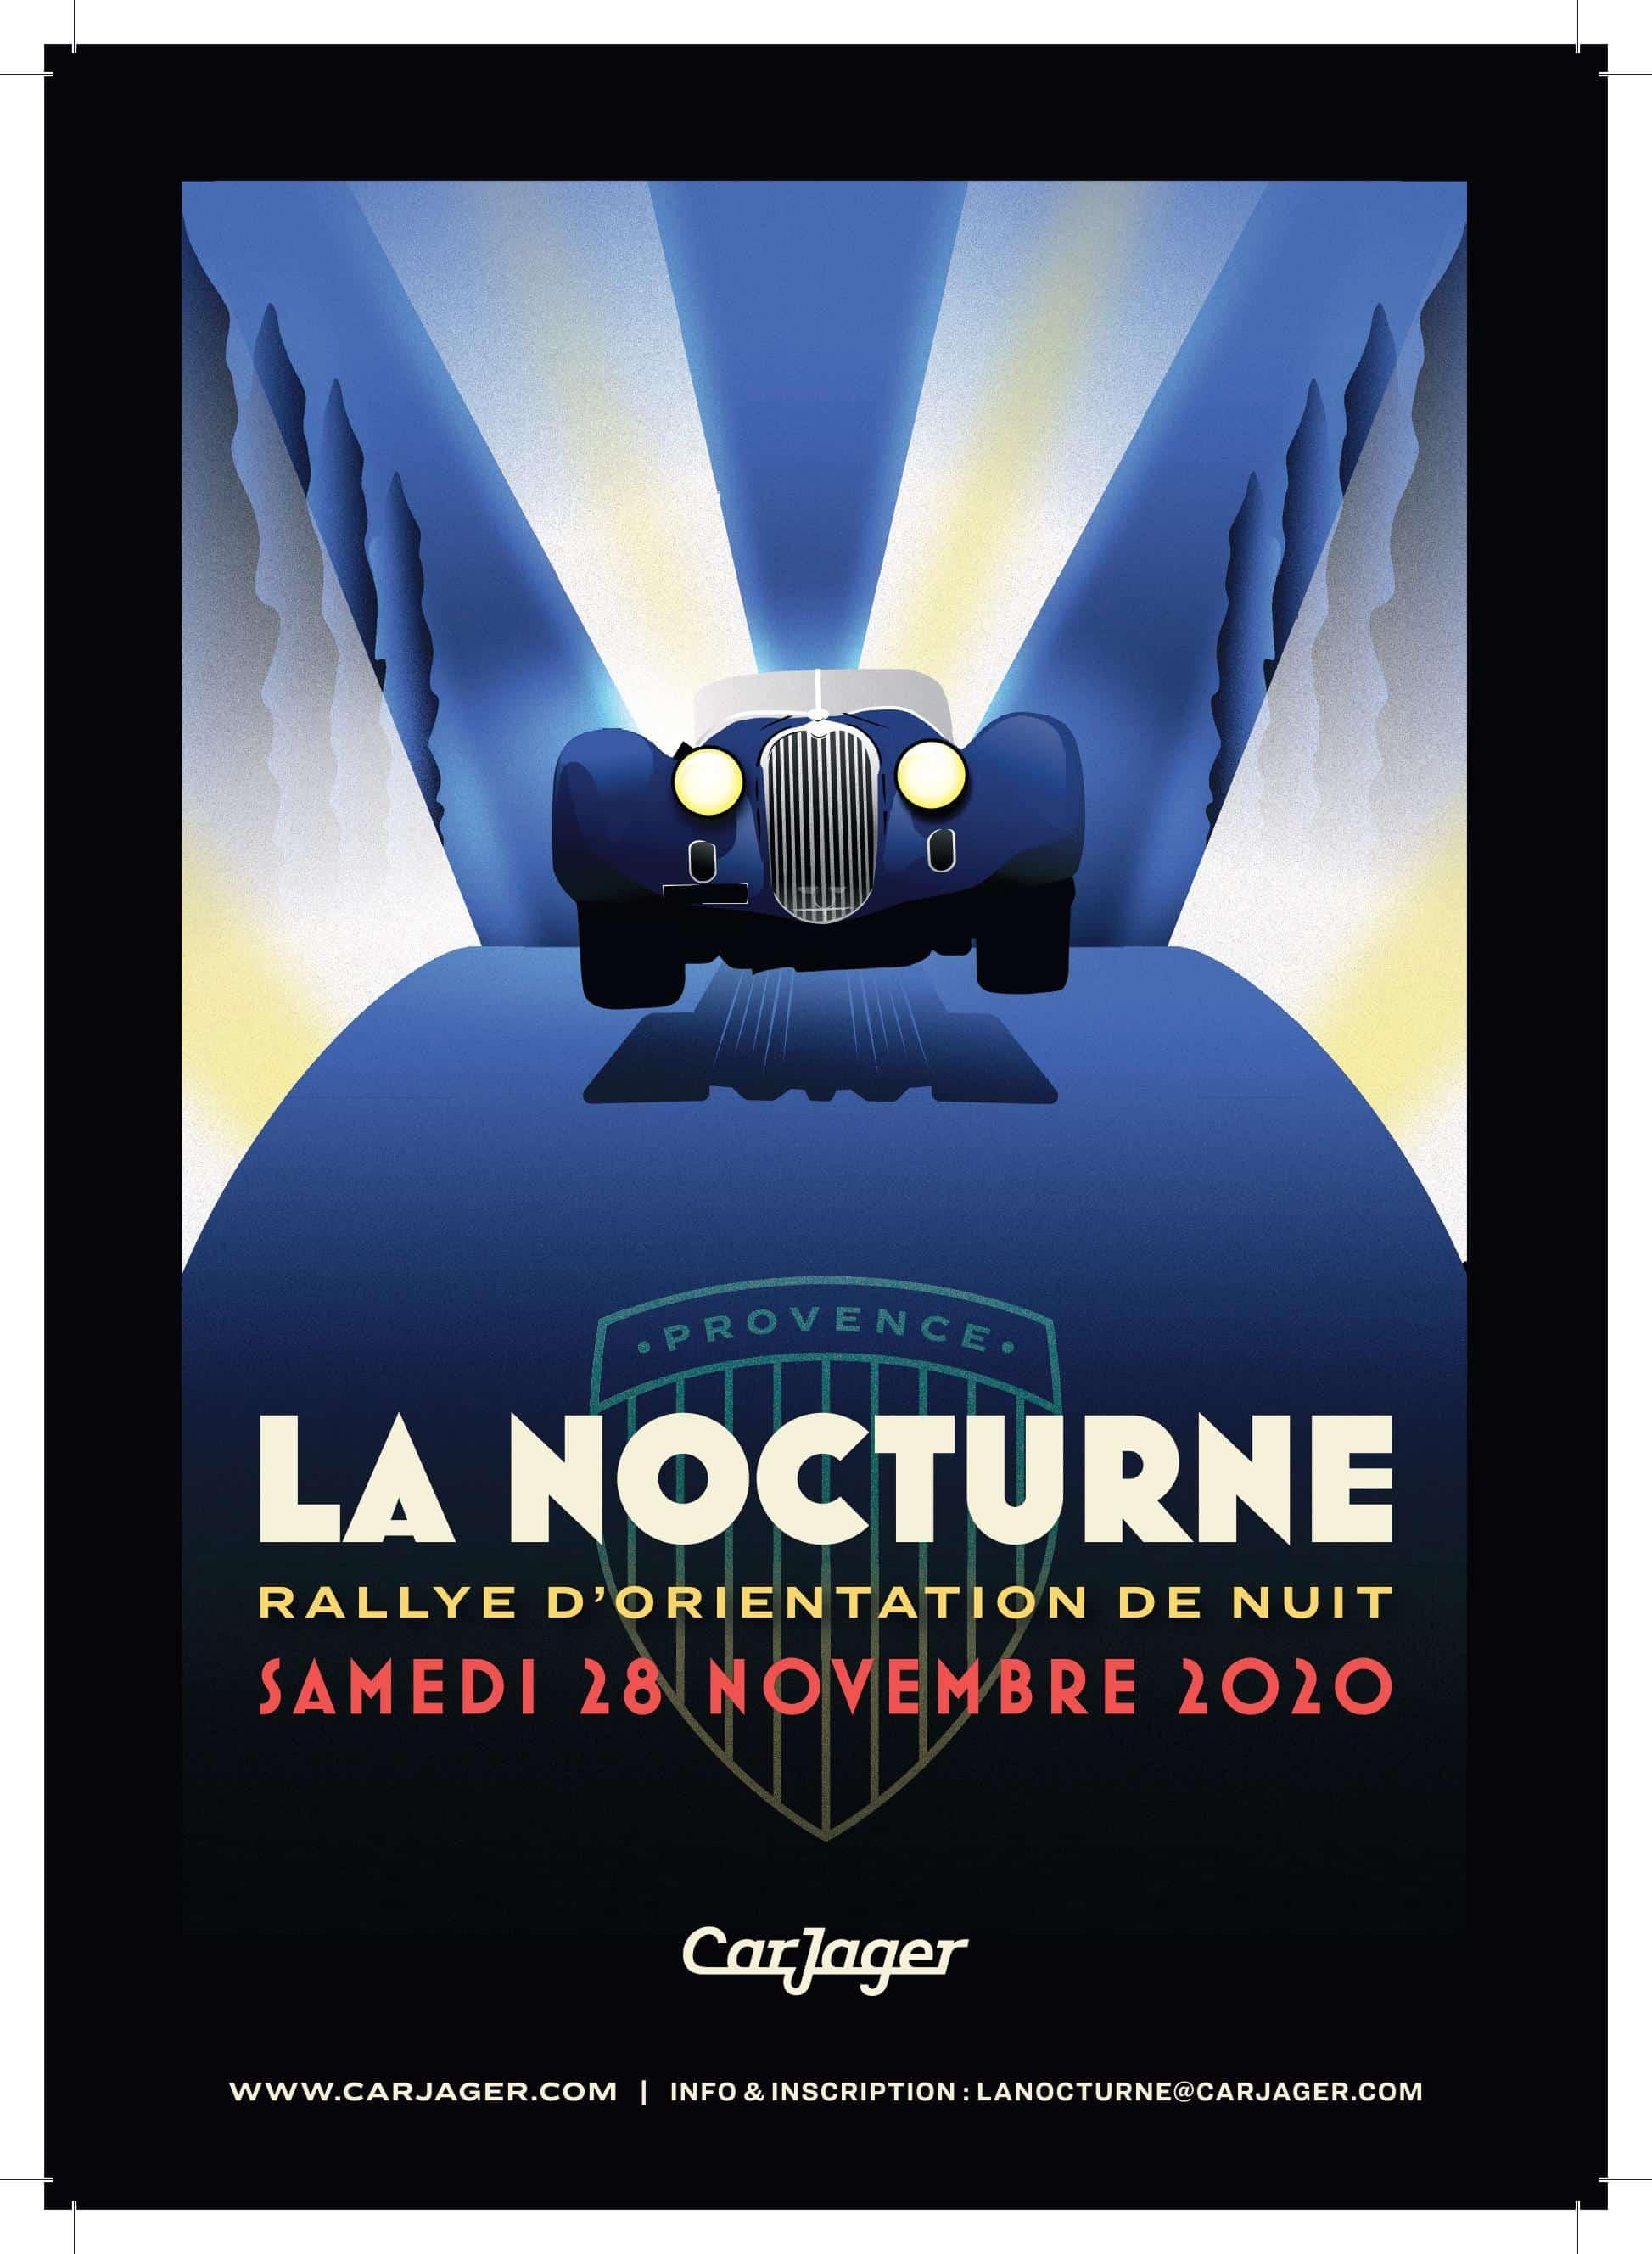 La nocturne by Carjager